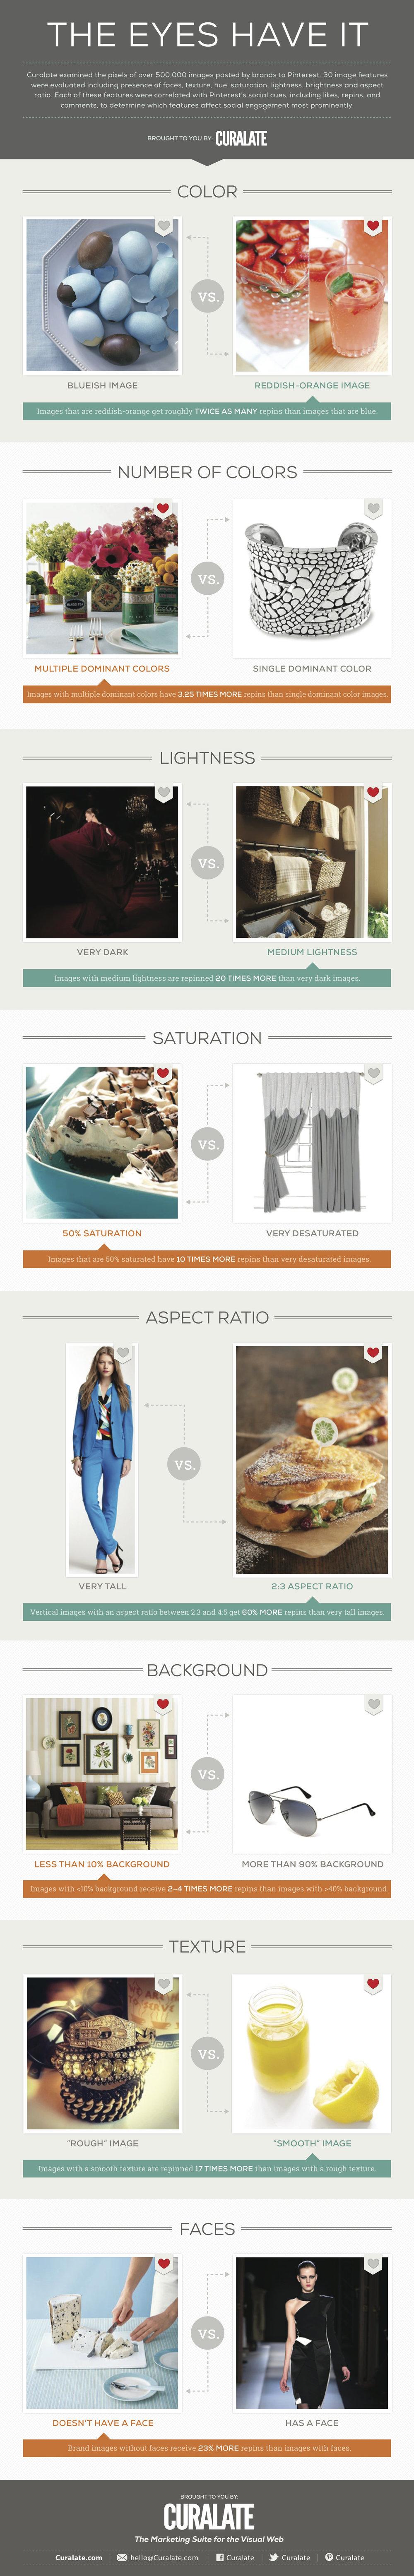 Infografía creada por Curalate.com